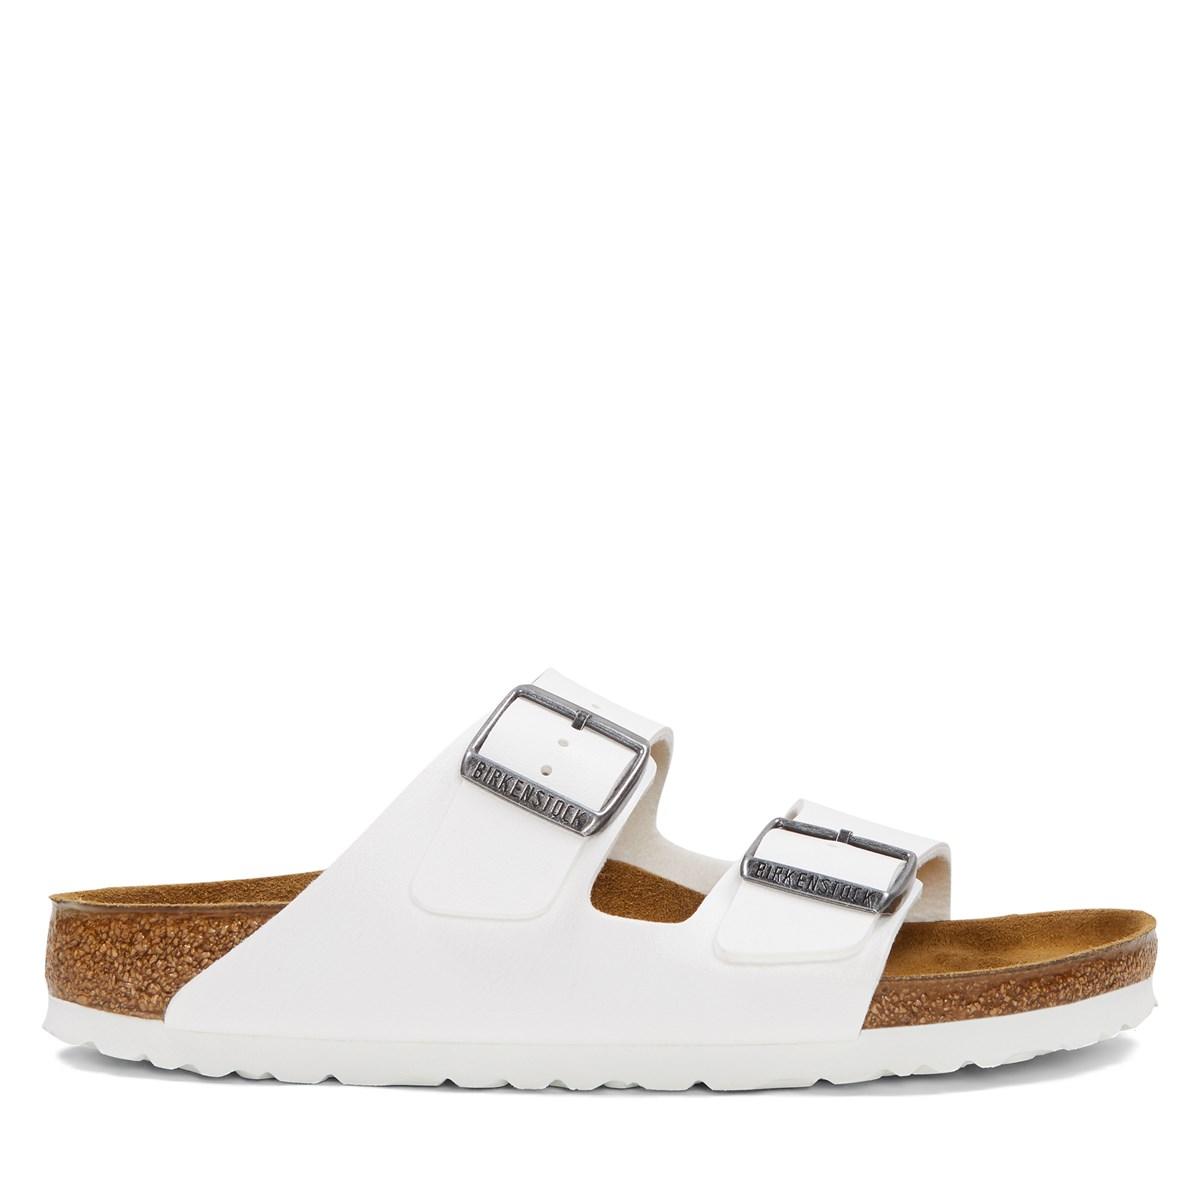 Sandales Arizona blanches pour femmes